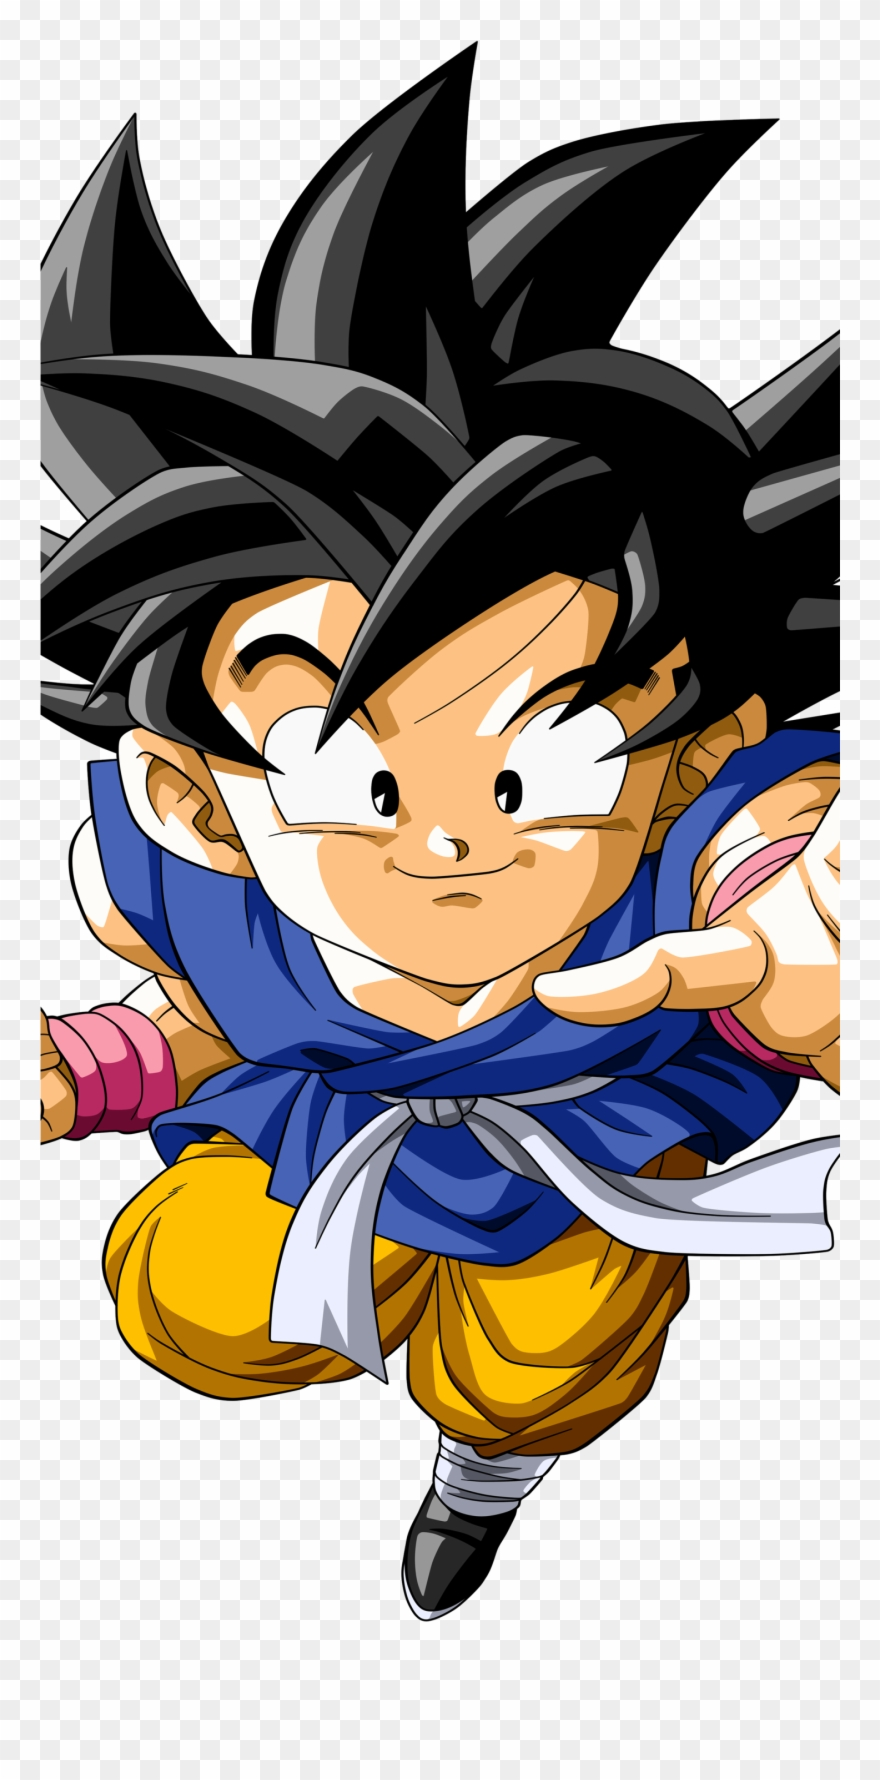 Kid Goku Anime Dragon Ball Gt Mobile Wallpaper Cool Wallpapers